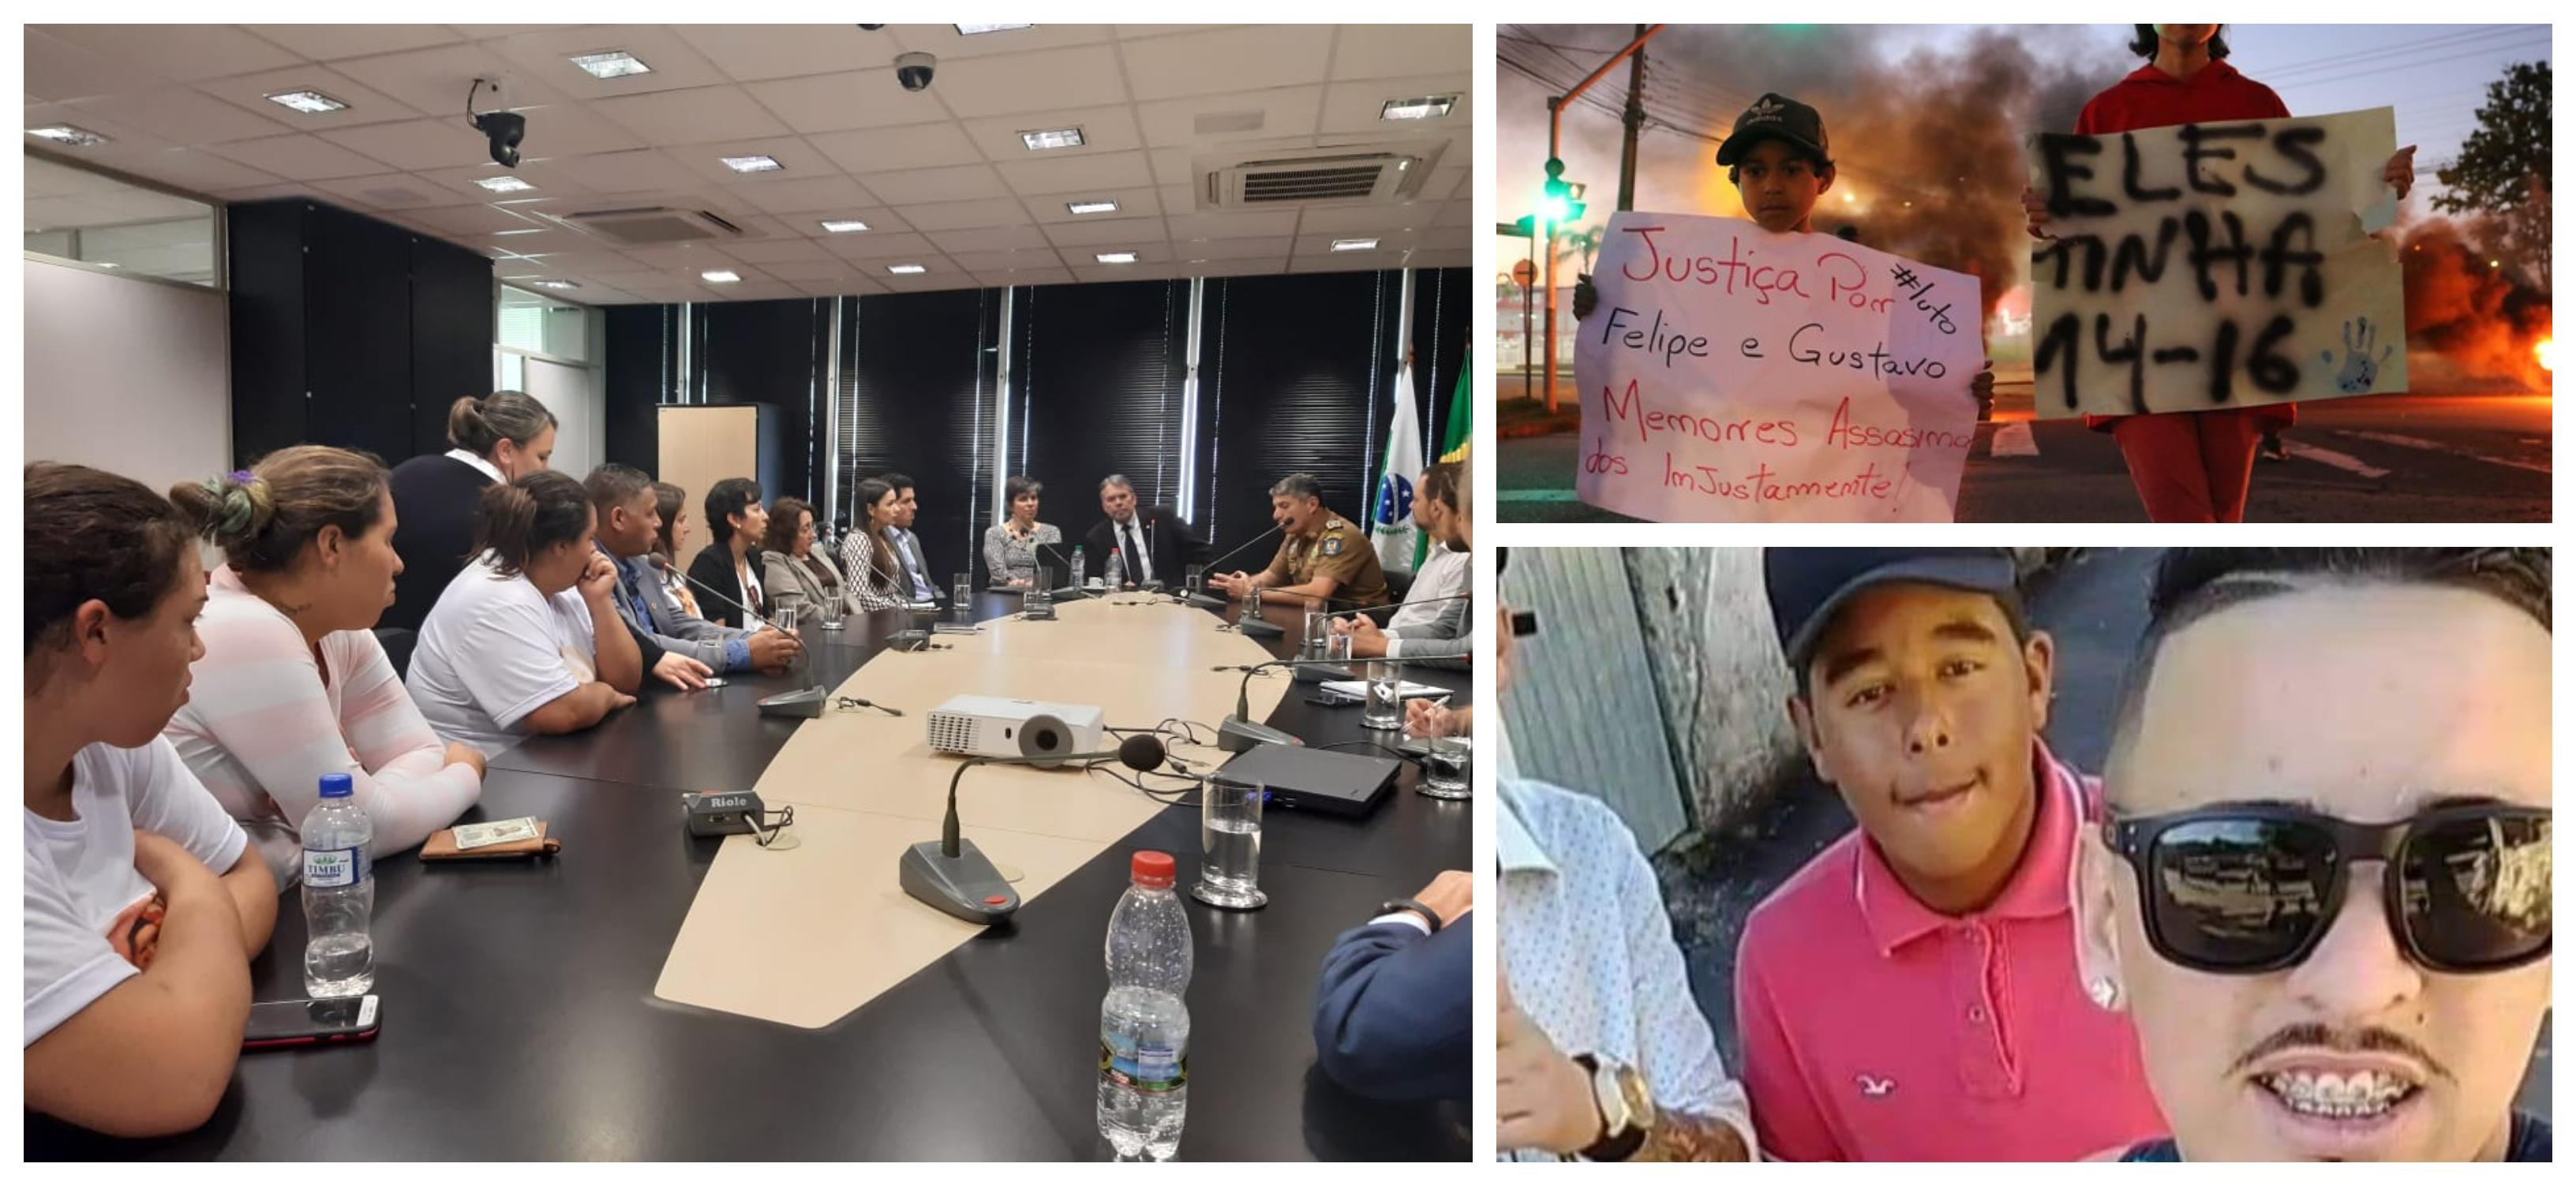 Jovens assassinados pela PM em Curitiba: MP reúne-se com familiares e garante investigação